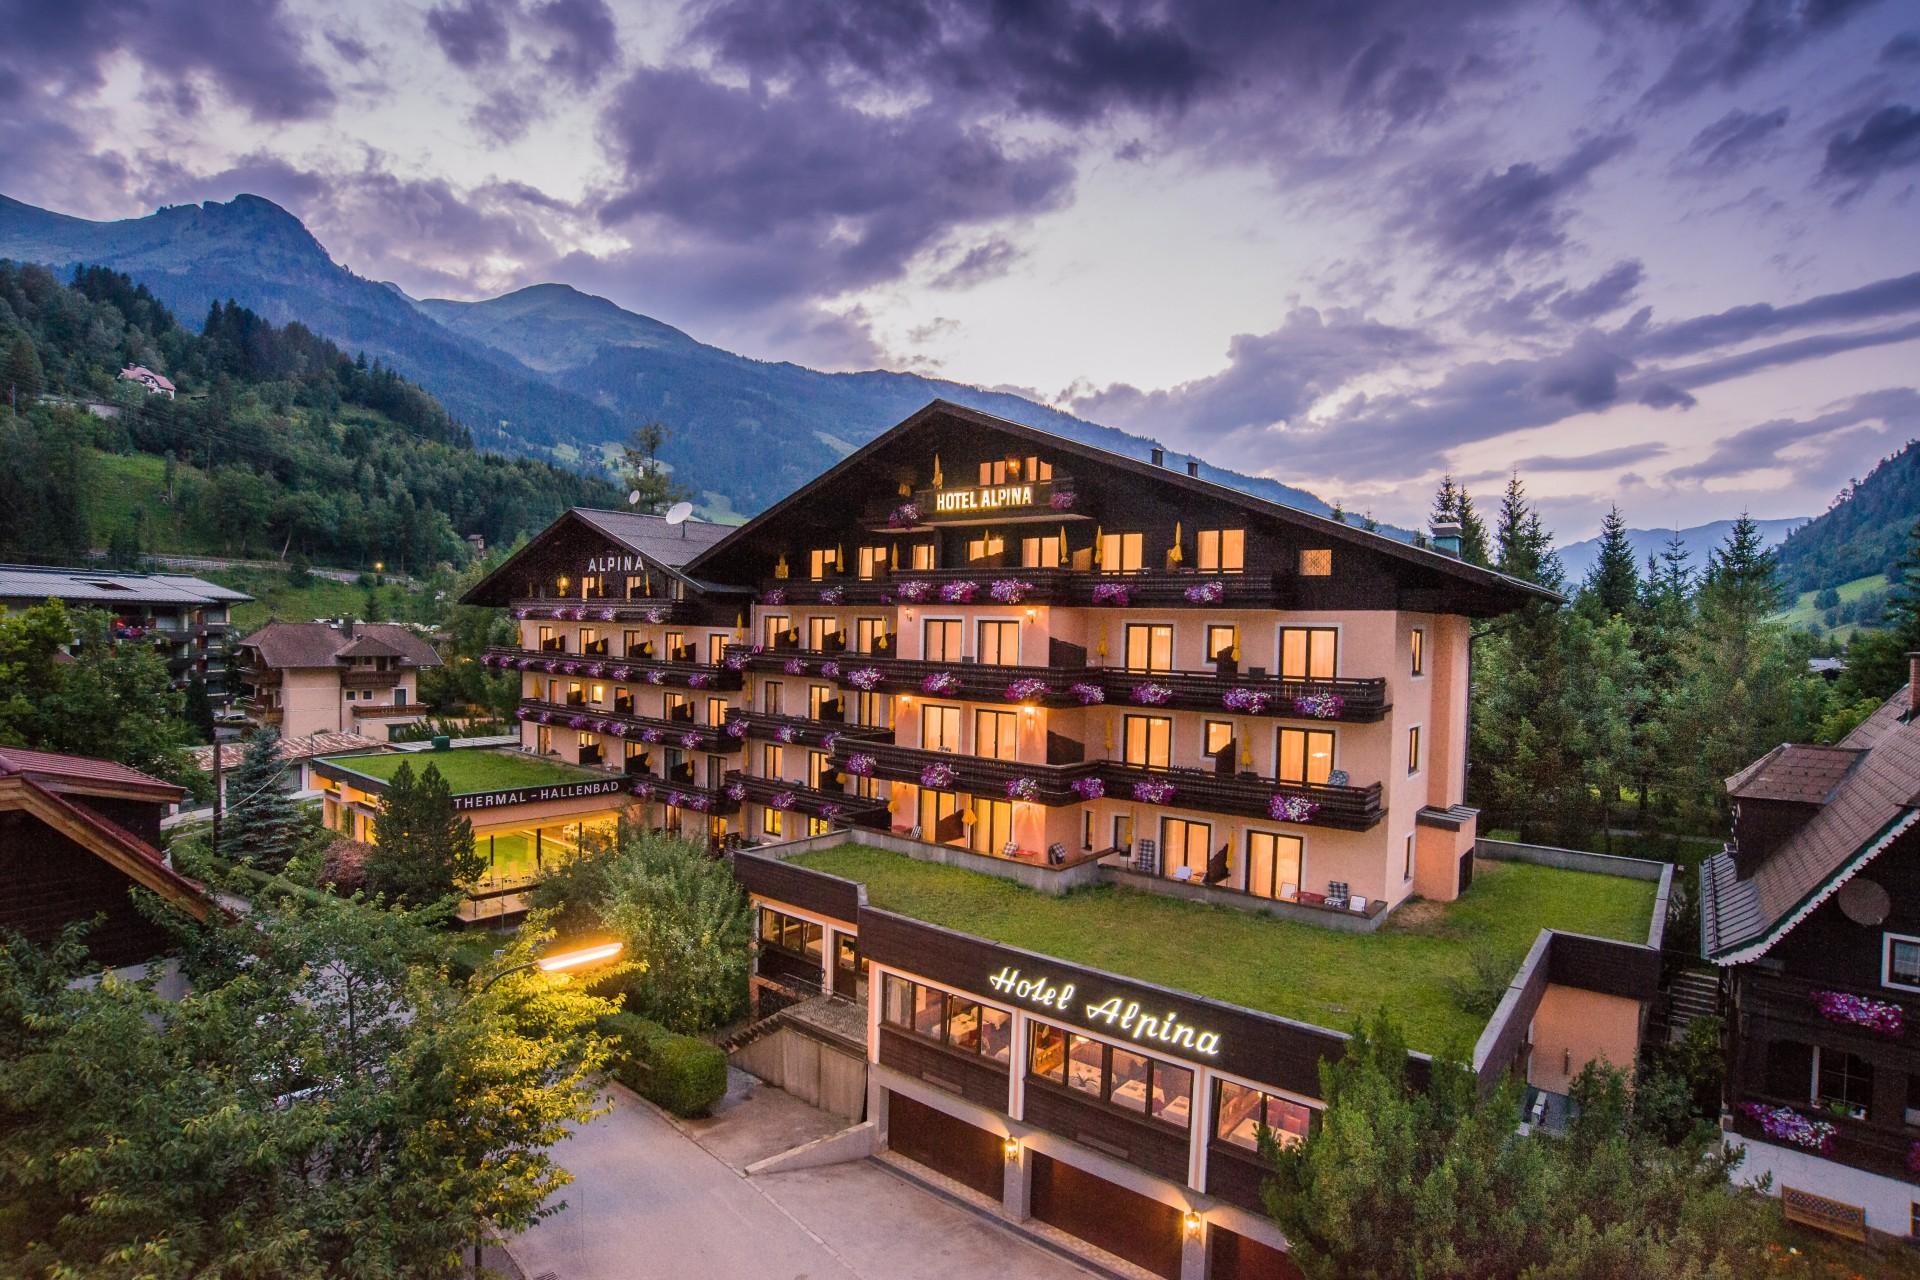 Alpina Hotel Hotel Alpina Bad Hofgastein 4 Sterne In Gastein